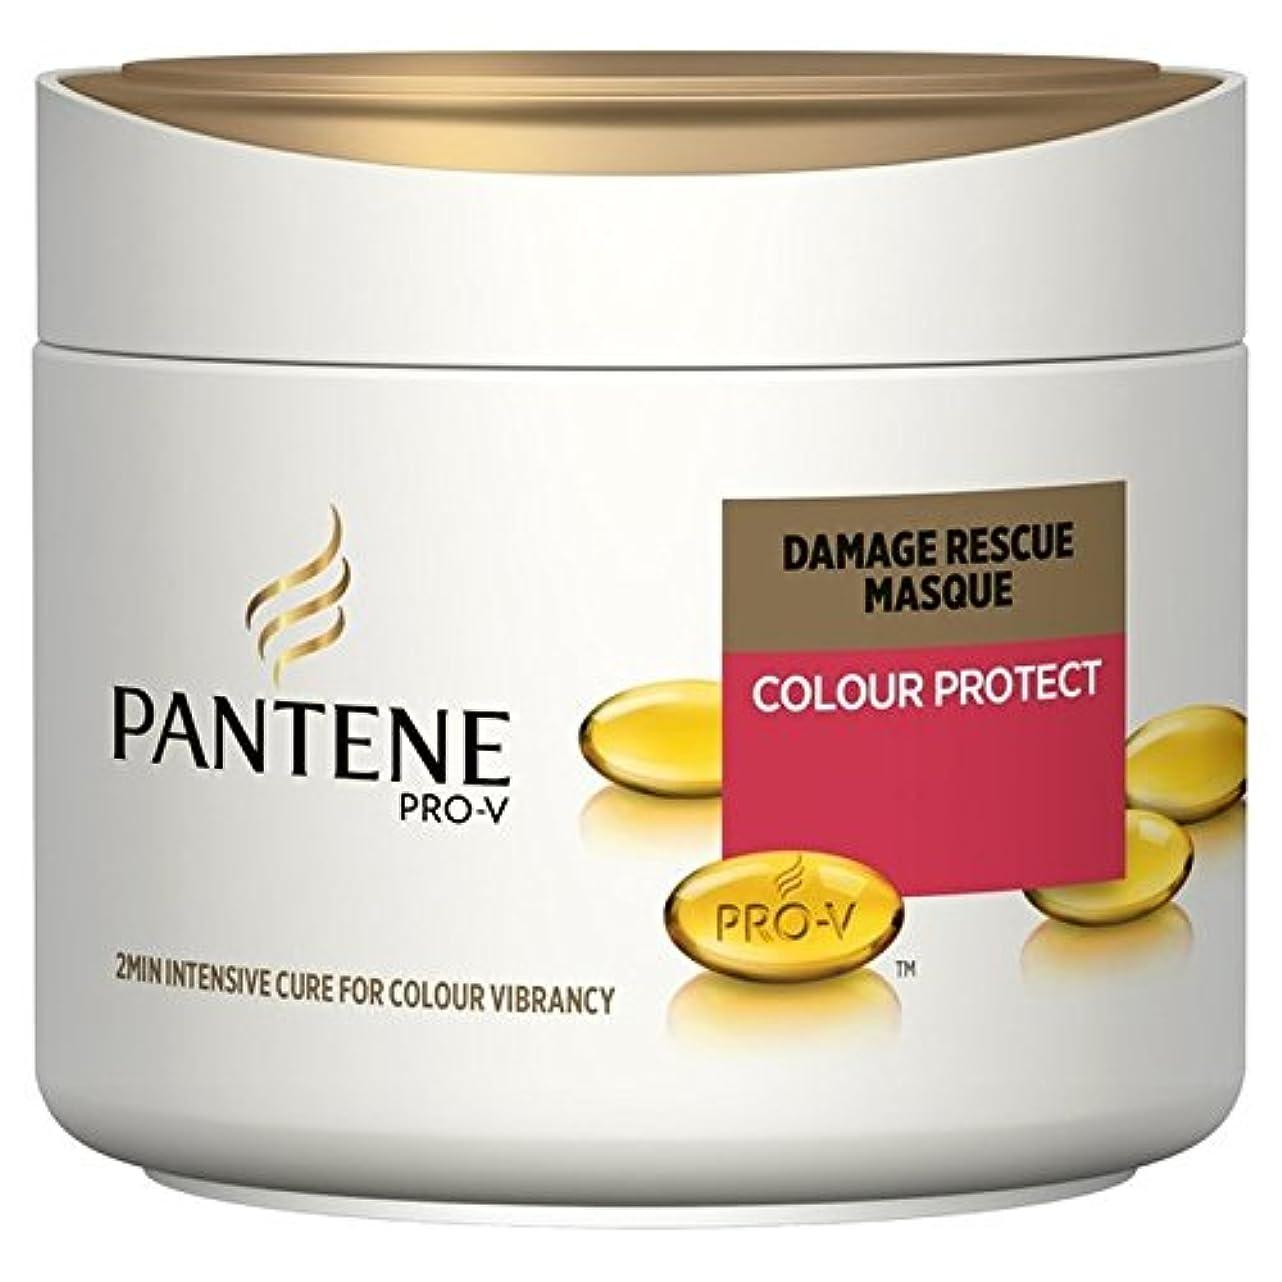 確立しますレシピ在庫Pantene 2min Colour Protect Damage Rescue Masque 300ml - パンテーンの2分の色が損傷レスキュー仮面の300ミリリットルを保護します [並行輸入品]